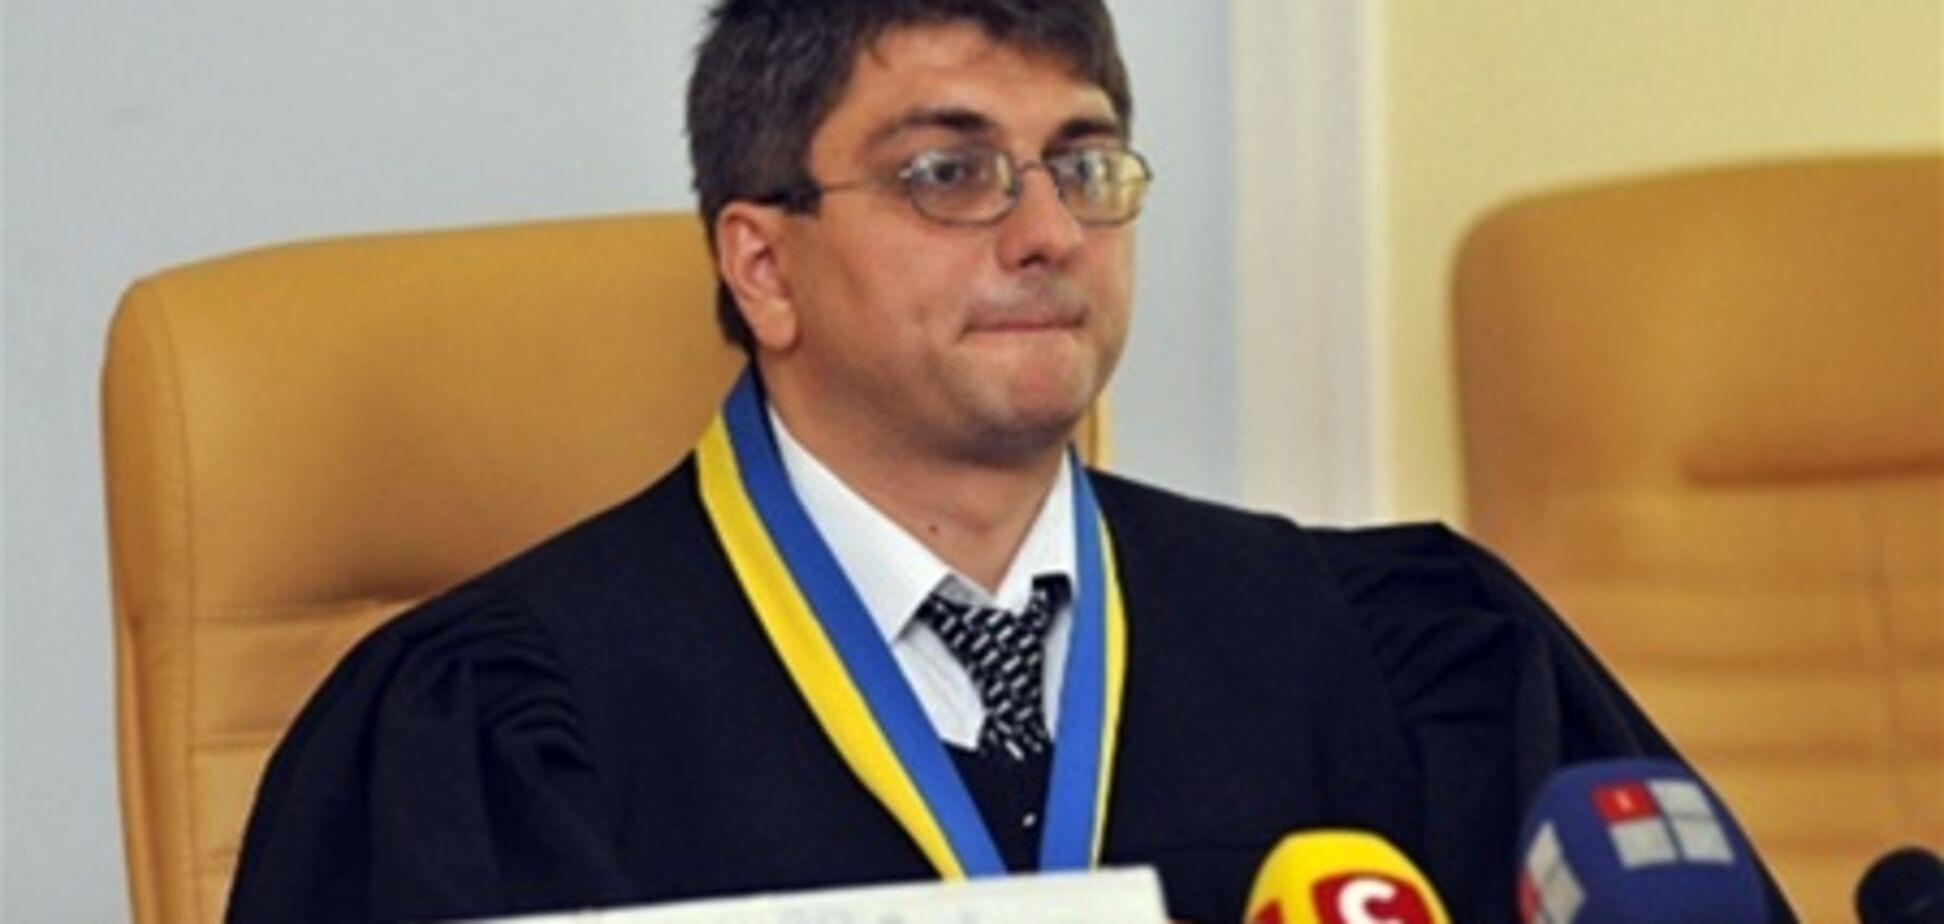 Свидетели по делу Тимошенко свободно общаются в коридоре суда